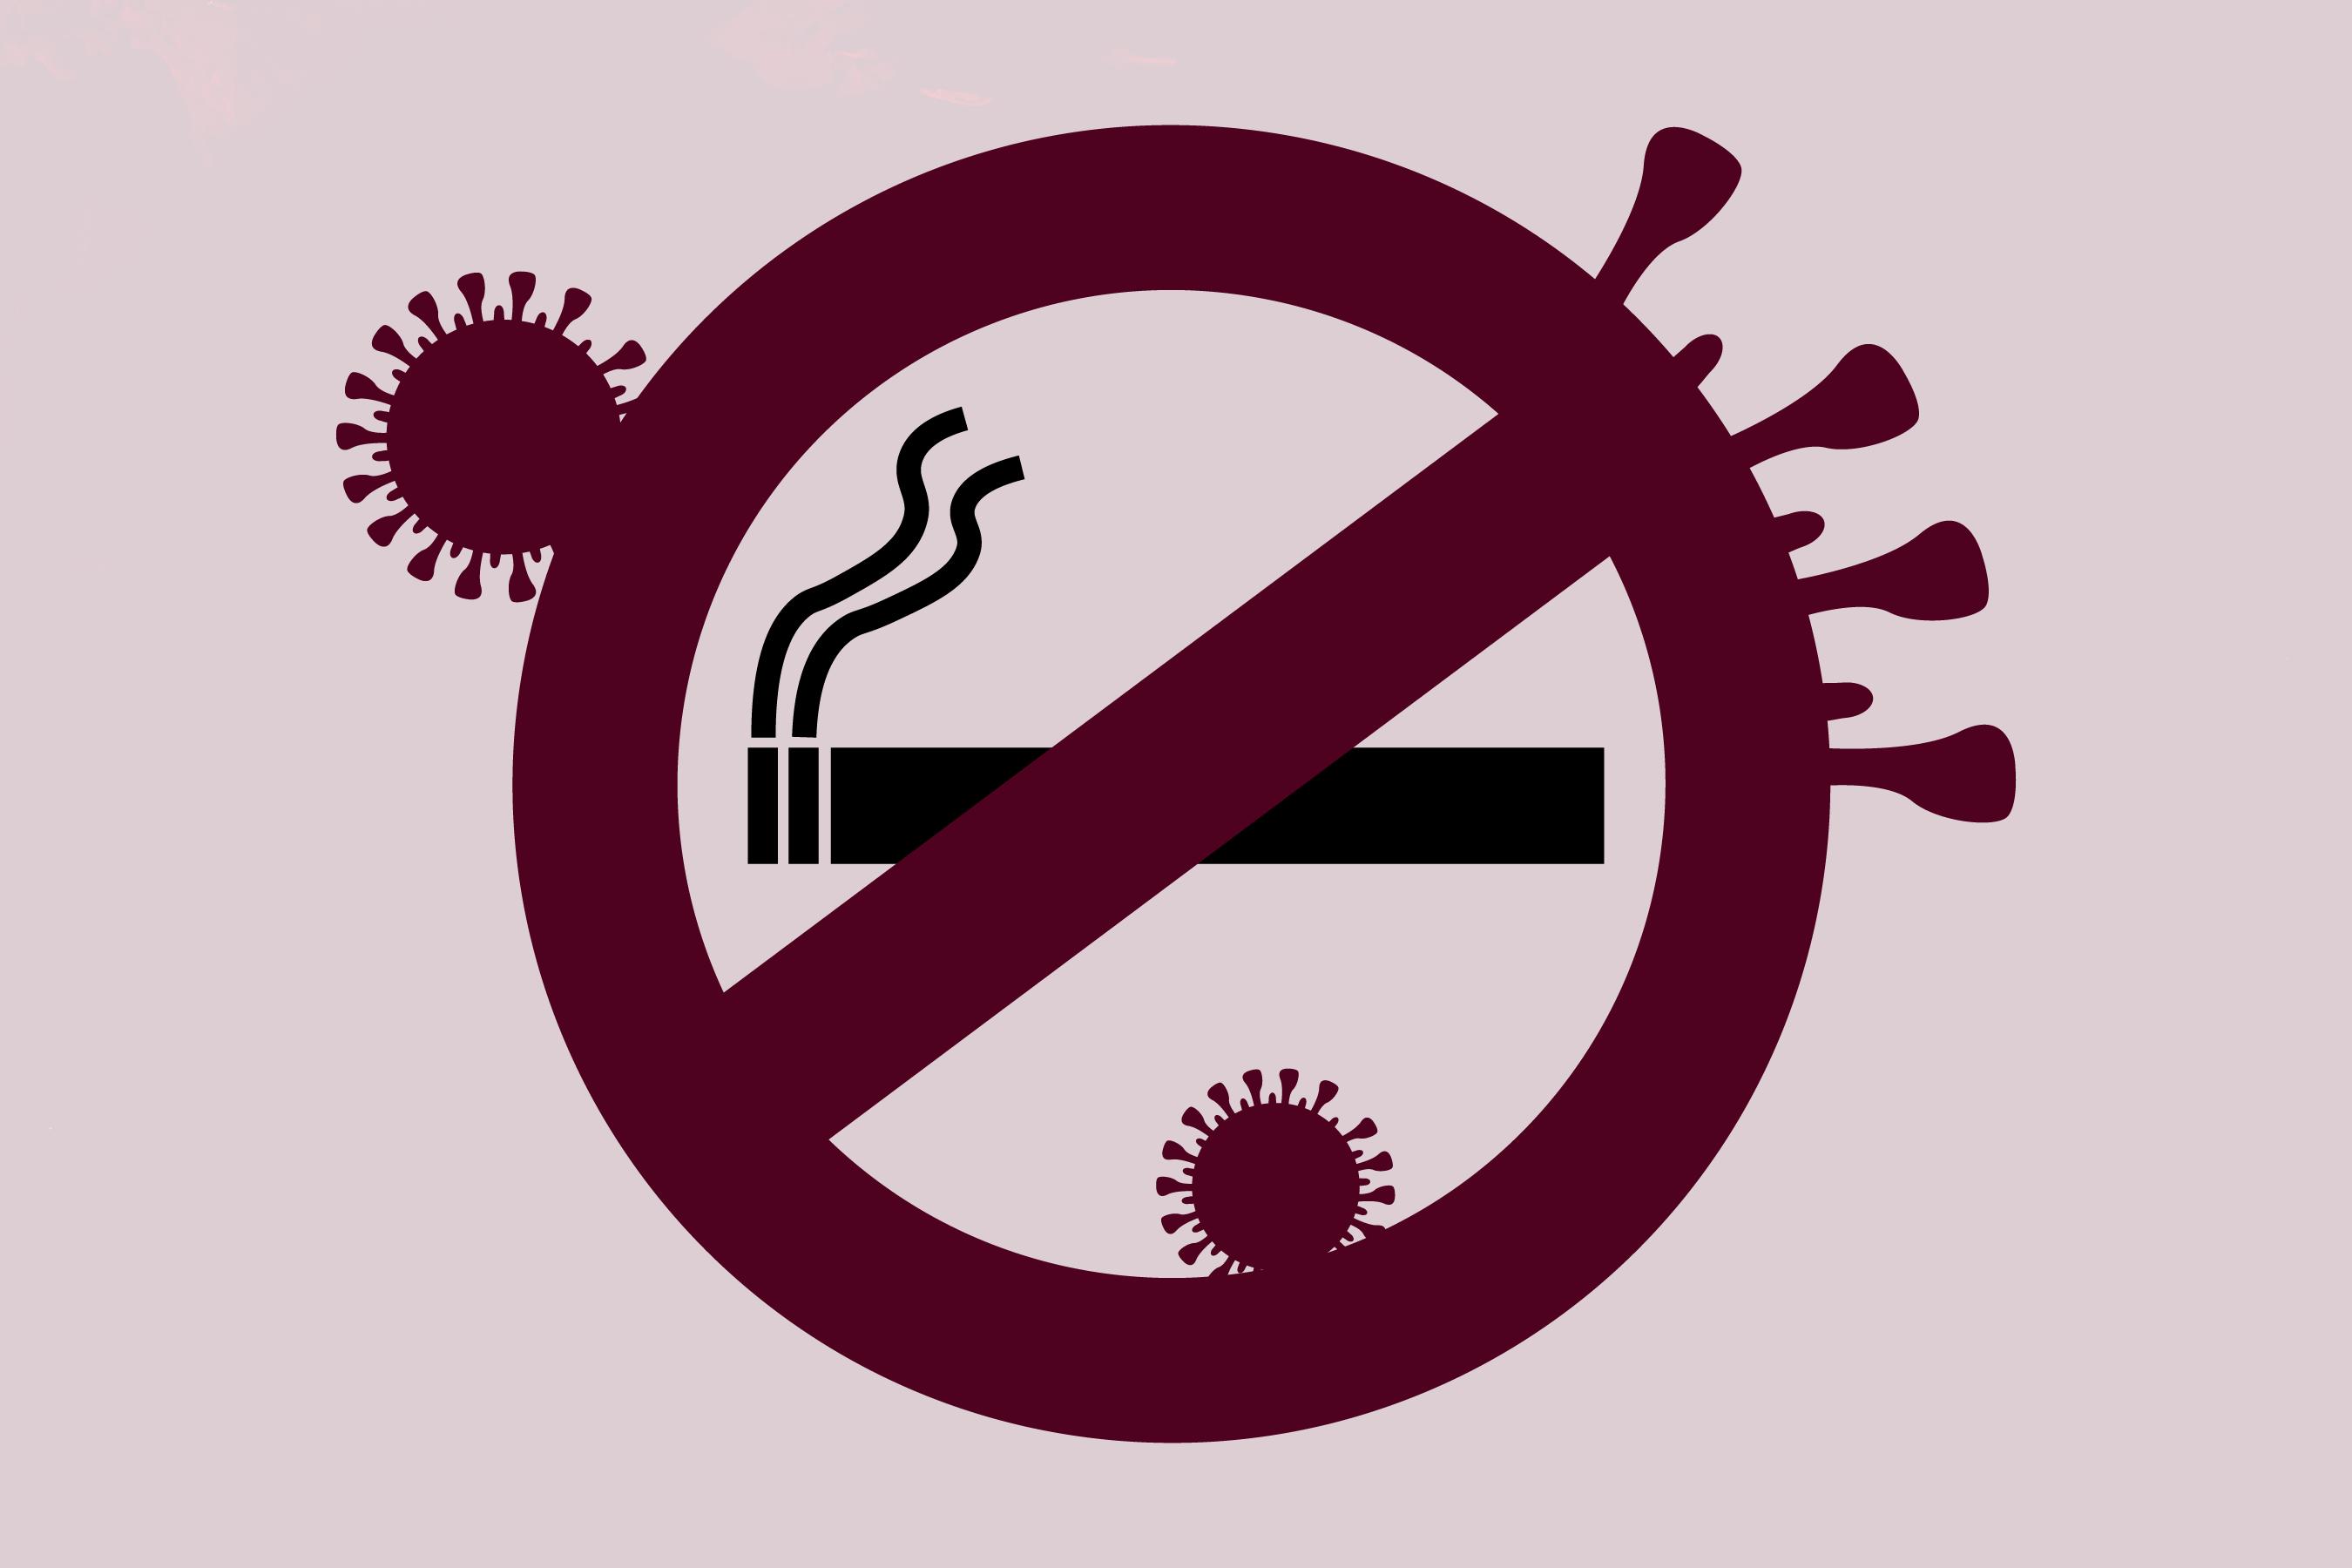 SALUD. Los primeros estudios sugieren que los fumadores que desarrollan COVID-19 tienen 14 veces más probabilidades que los no fumadores de necesitar cuidado intensivo